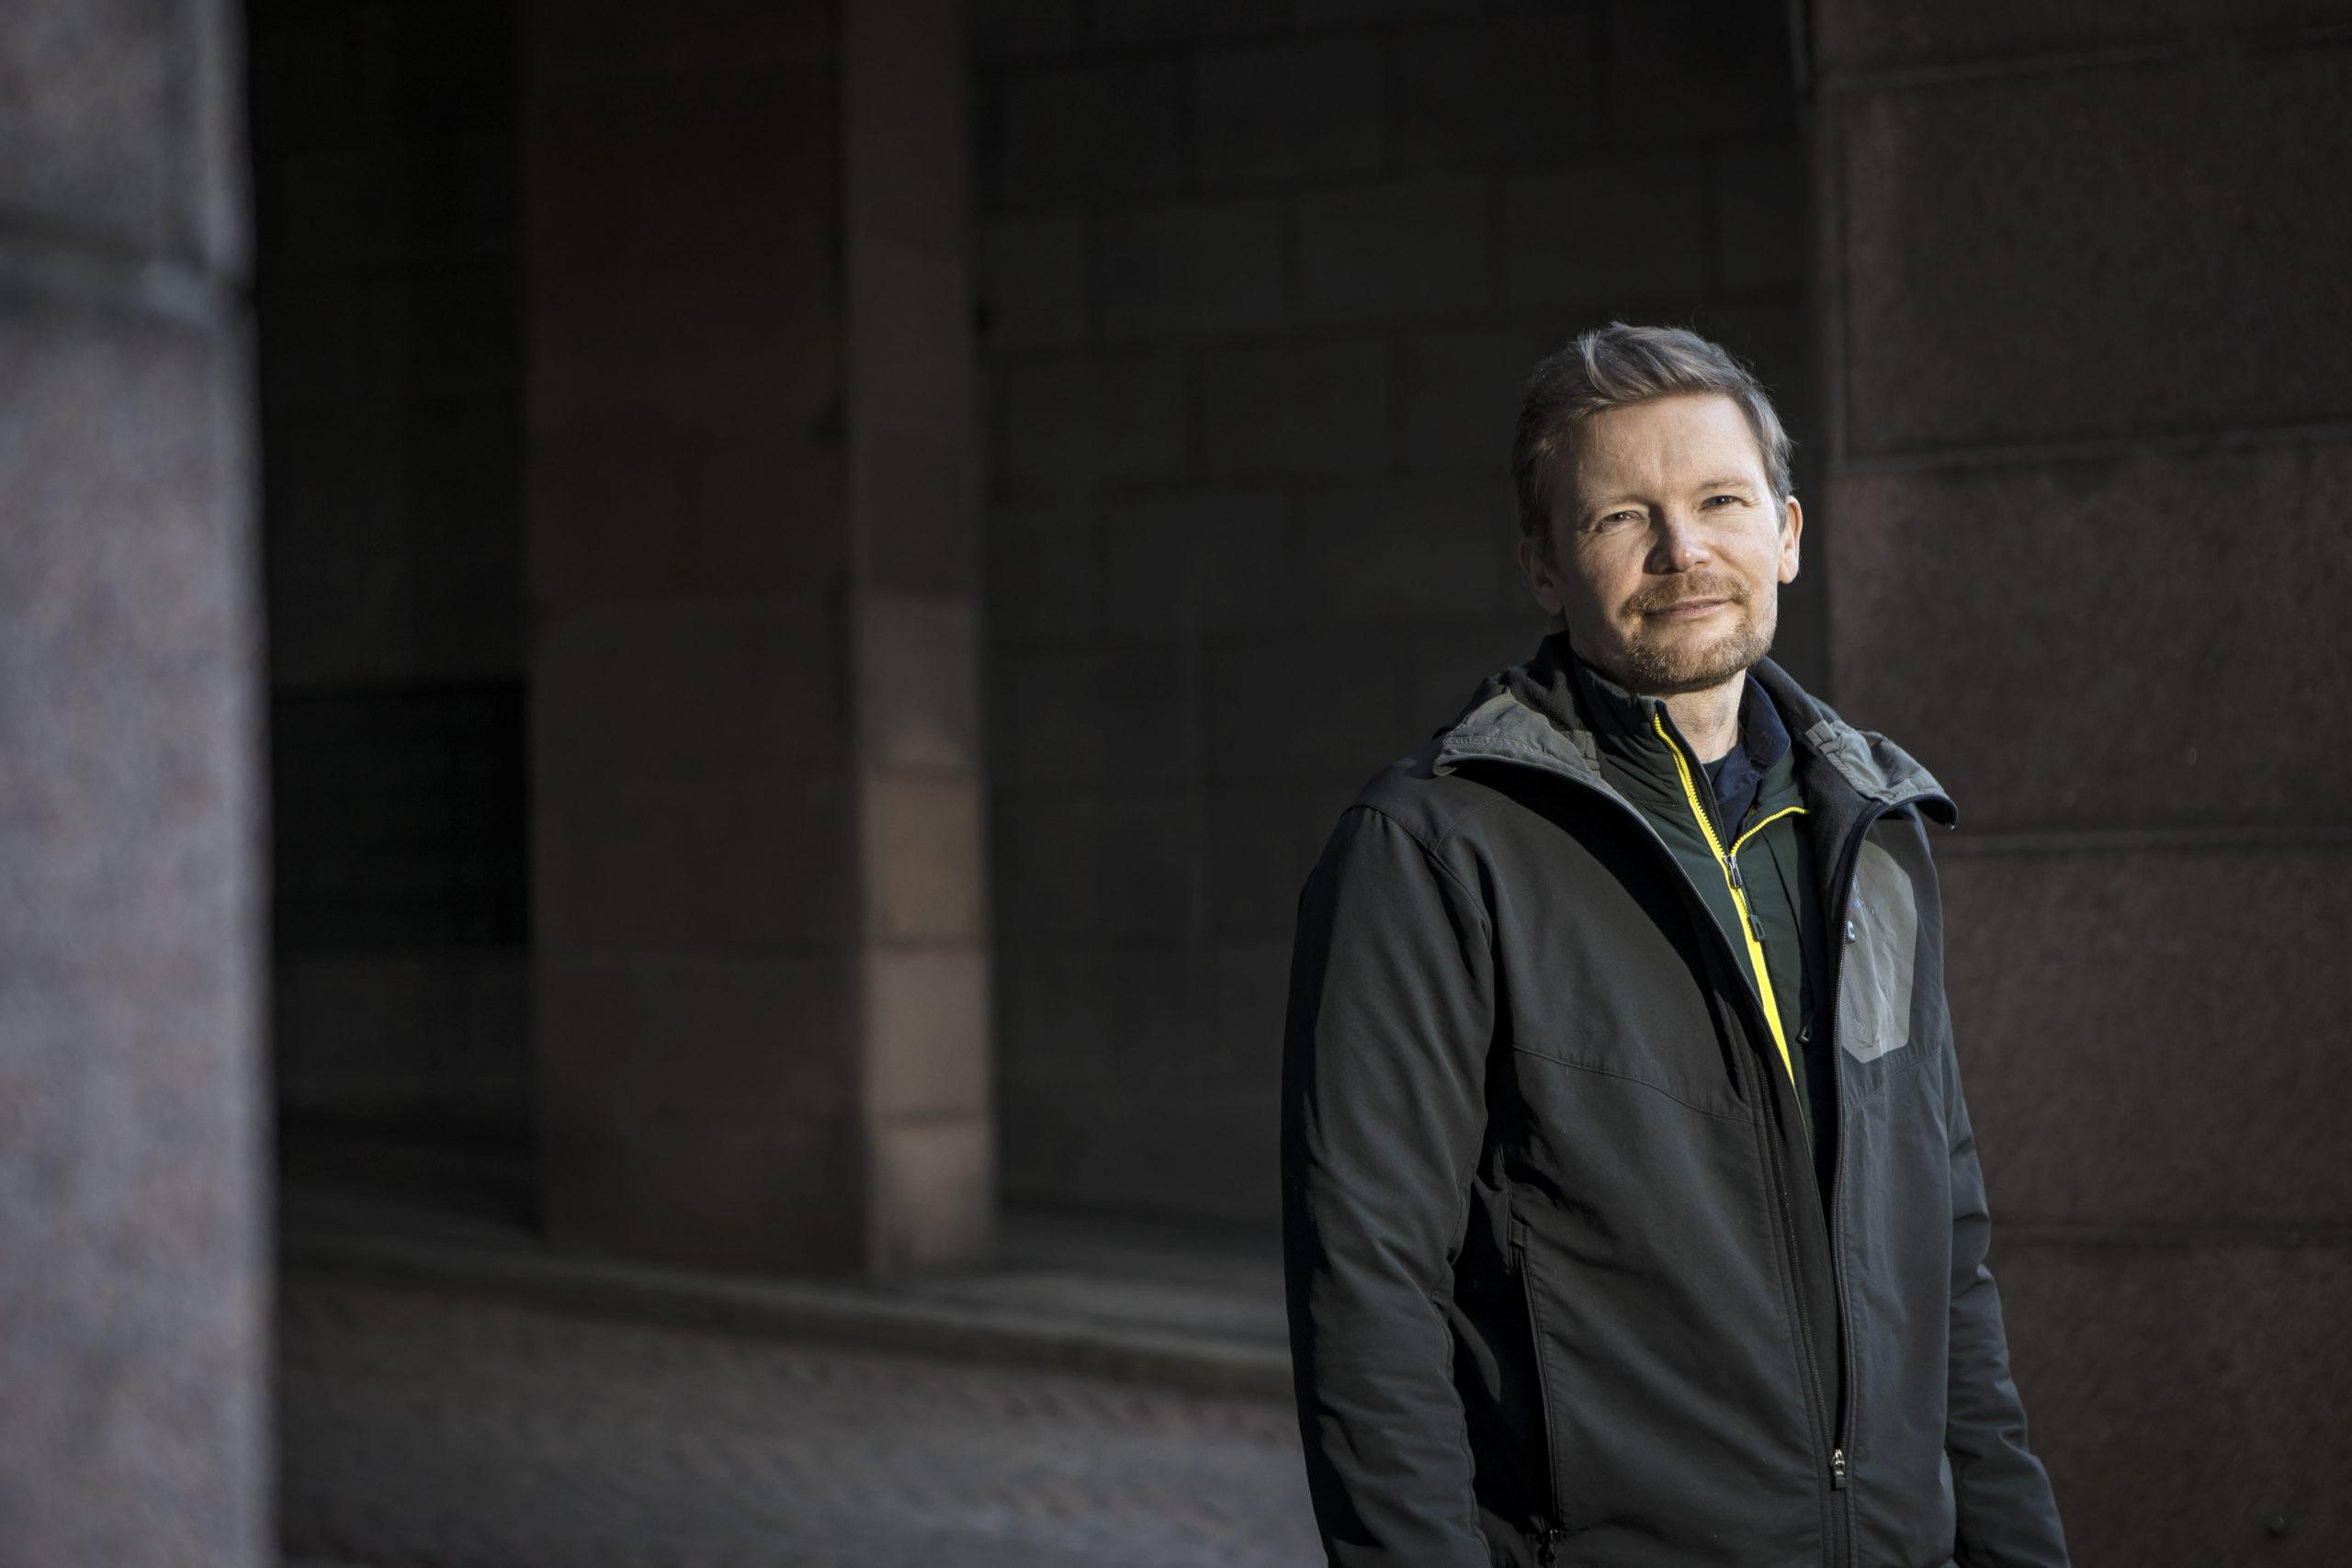 »Suomi on nostanut mustan hiilen esille, koska nykyisessä poliittisessa ilmapiirissä Yhdysvallat ja Venäjä eivät pysty keskustelemaan kaikkein isoimmasta ongelmasta eli hiilidioksidista.»